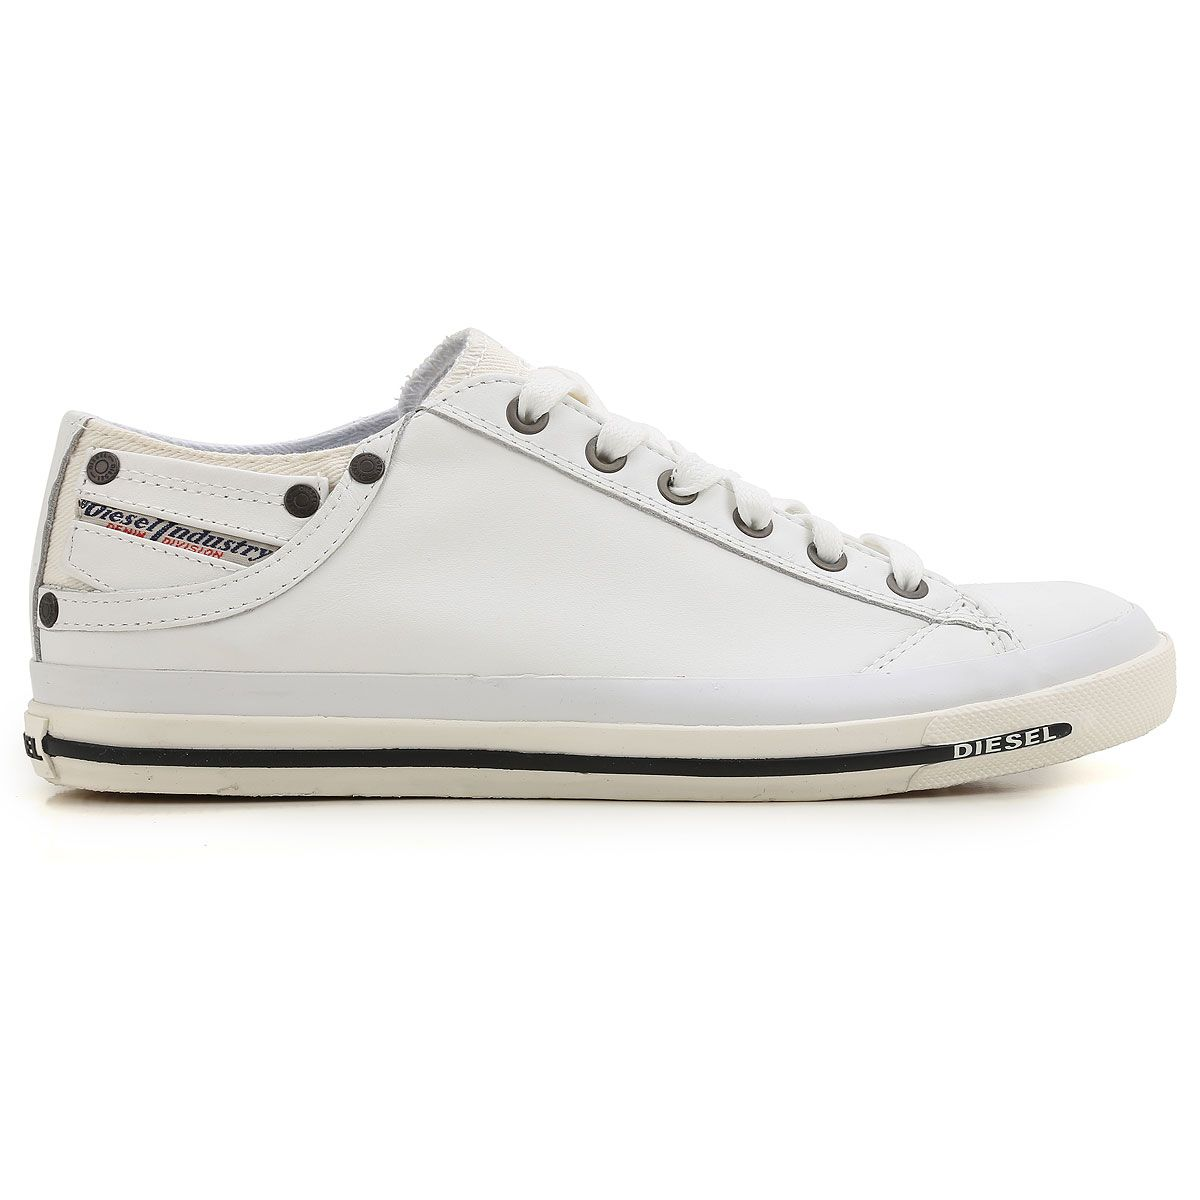 d9c3b936b Ultima colección de Zapatos y Zapatillas Diesel